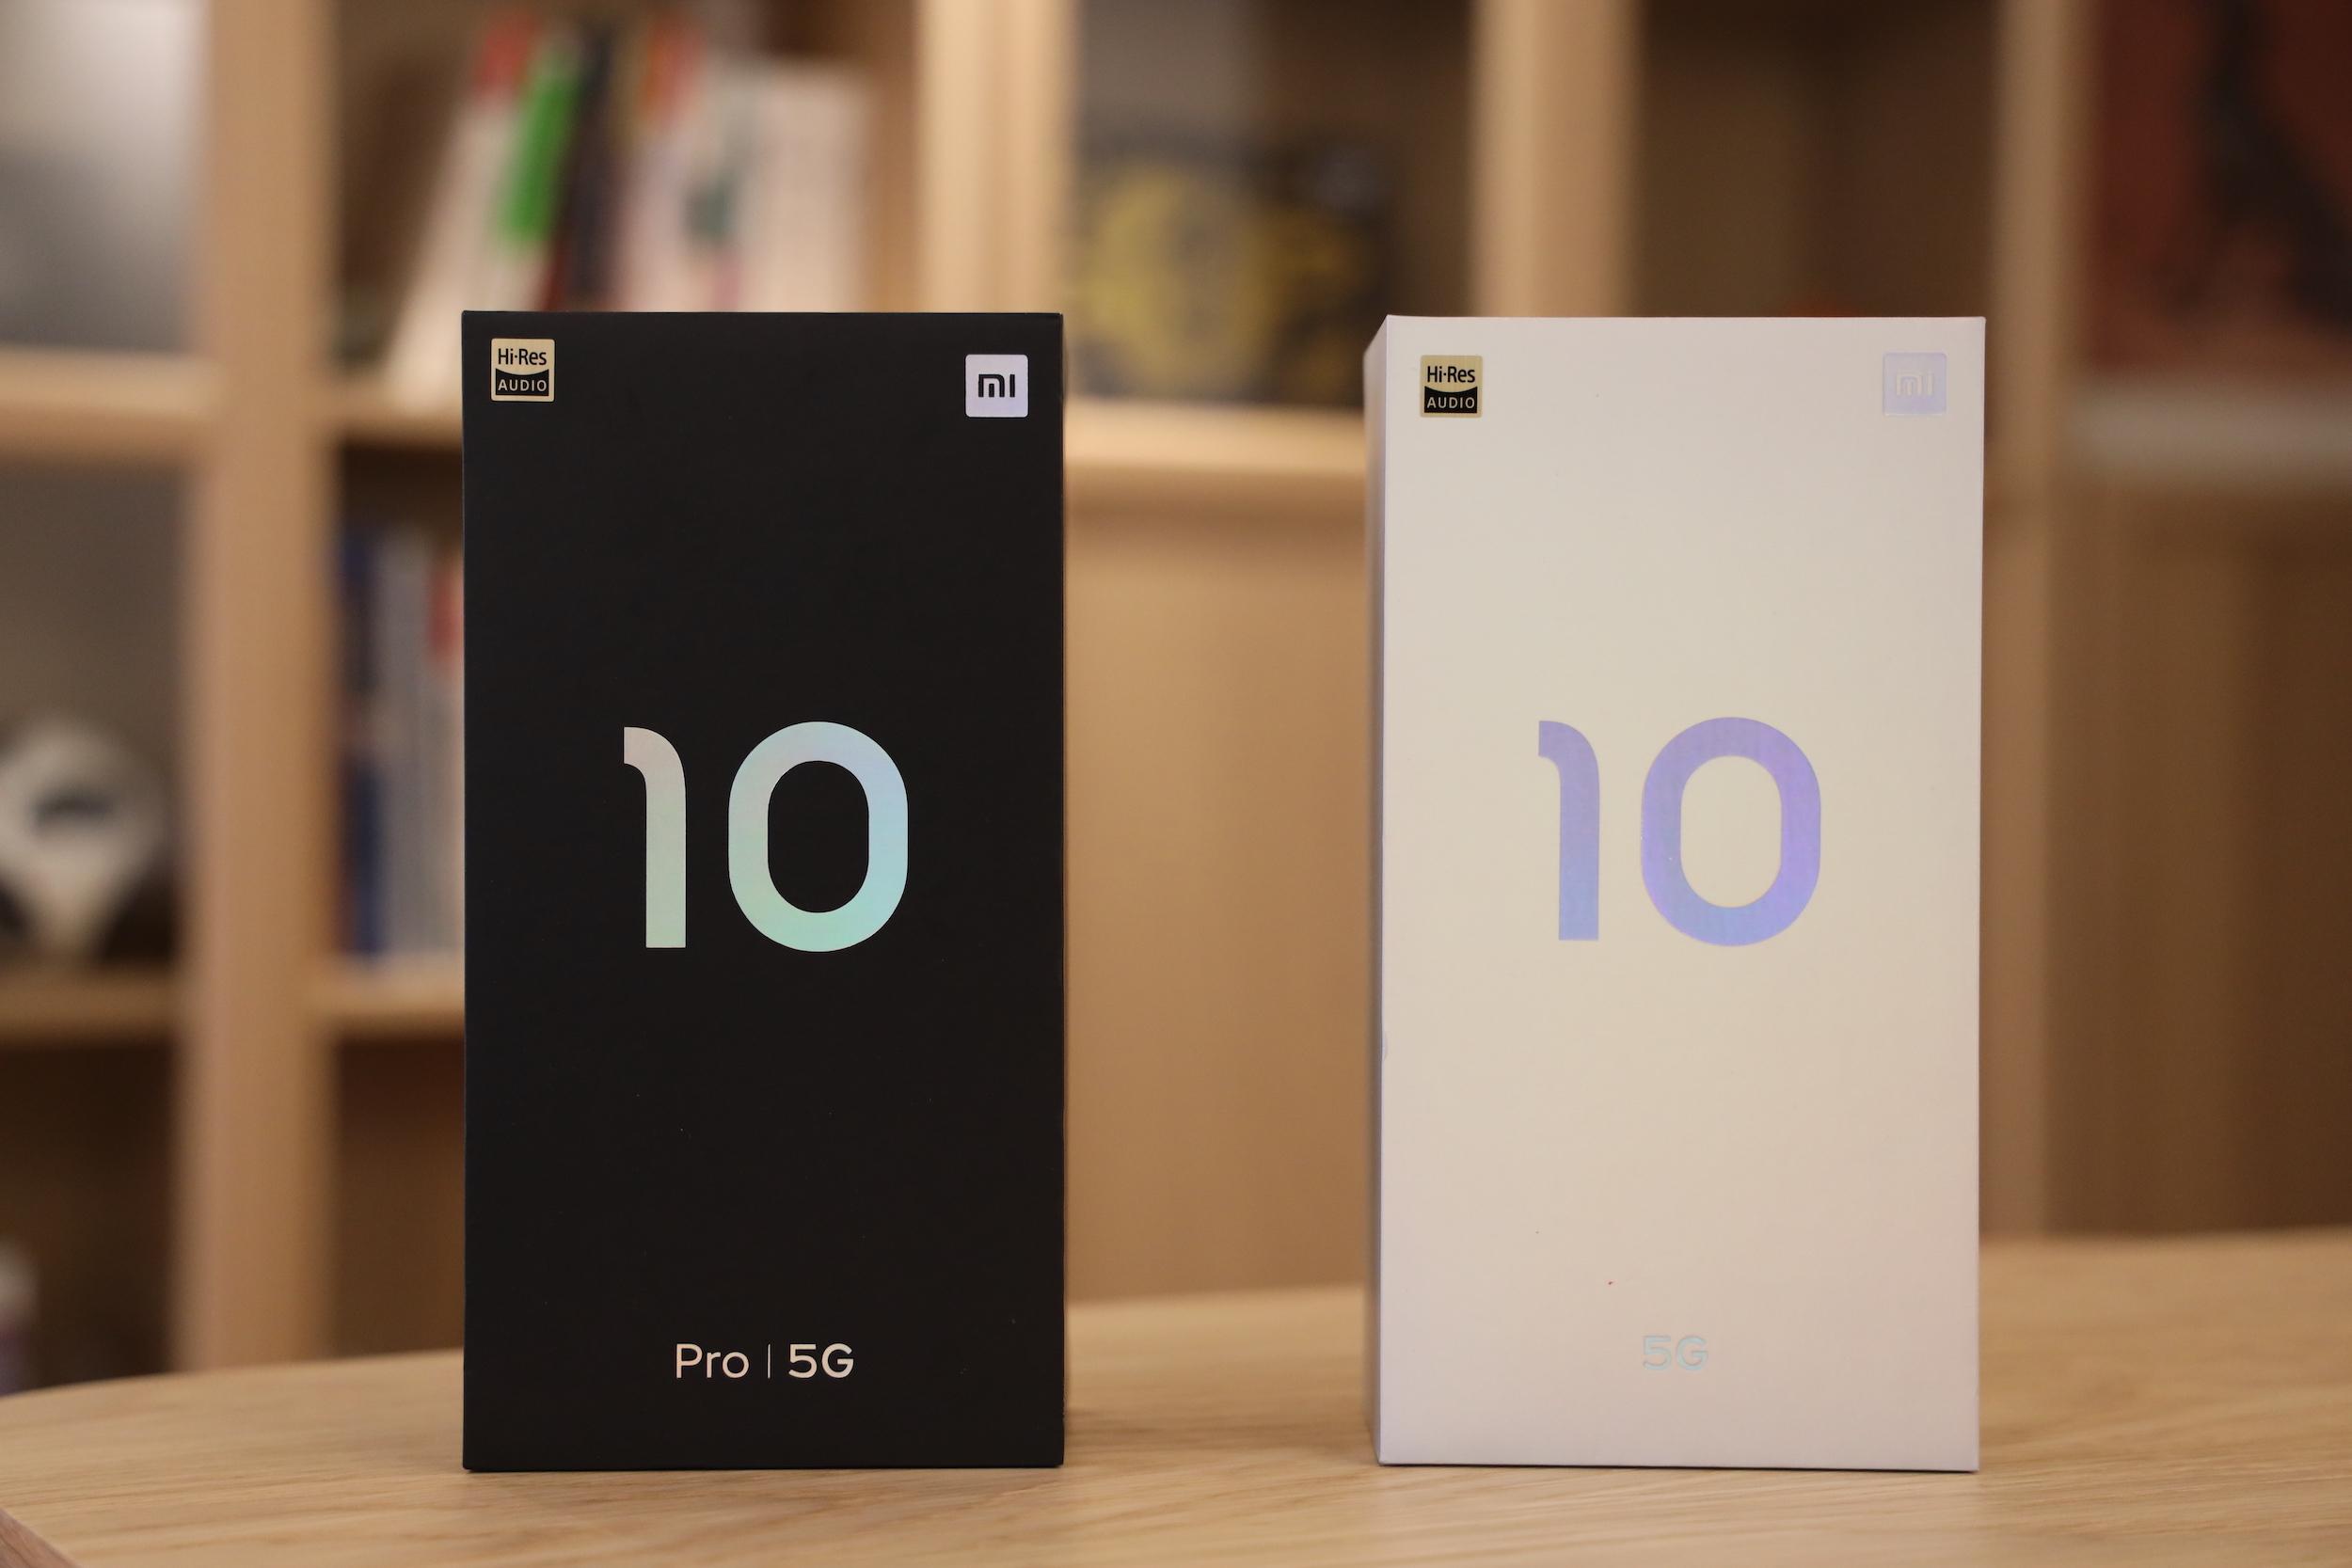 标准版和Pro版基本体验差不多!一文看懂小米10和小米10 Pro